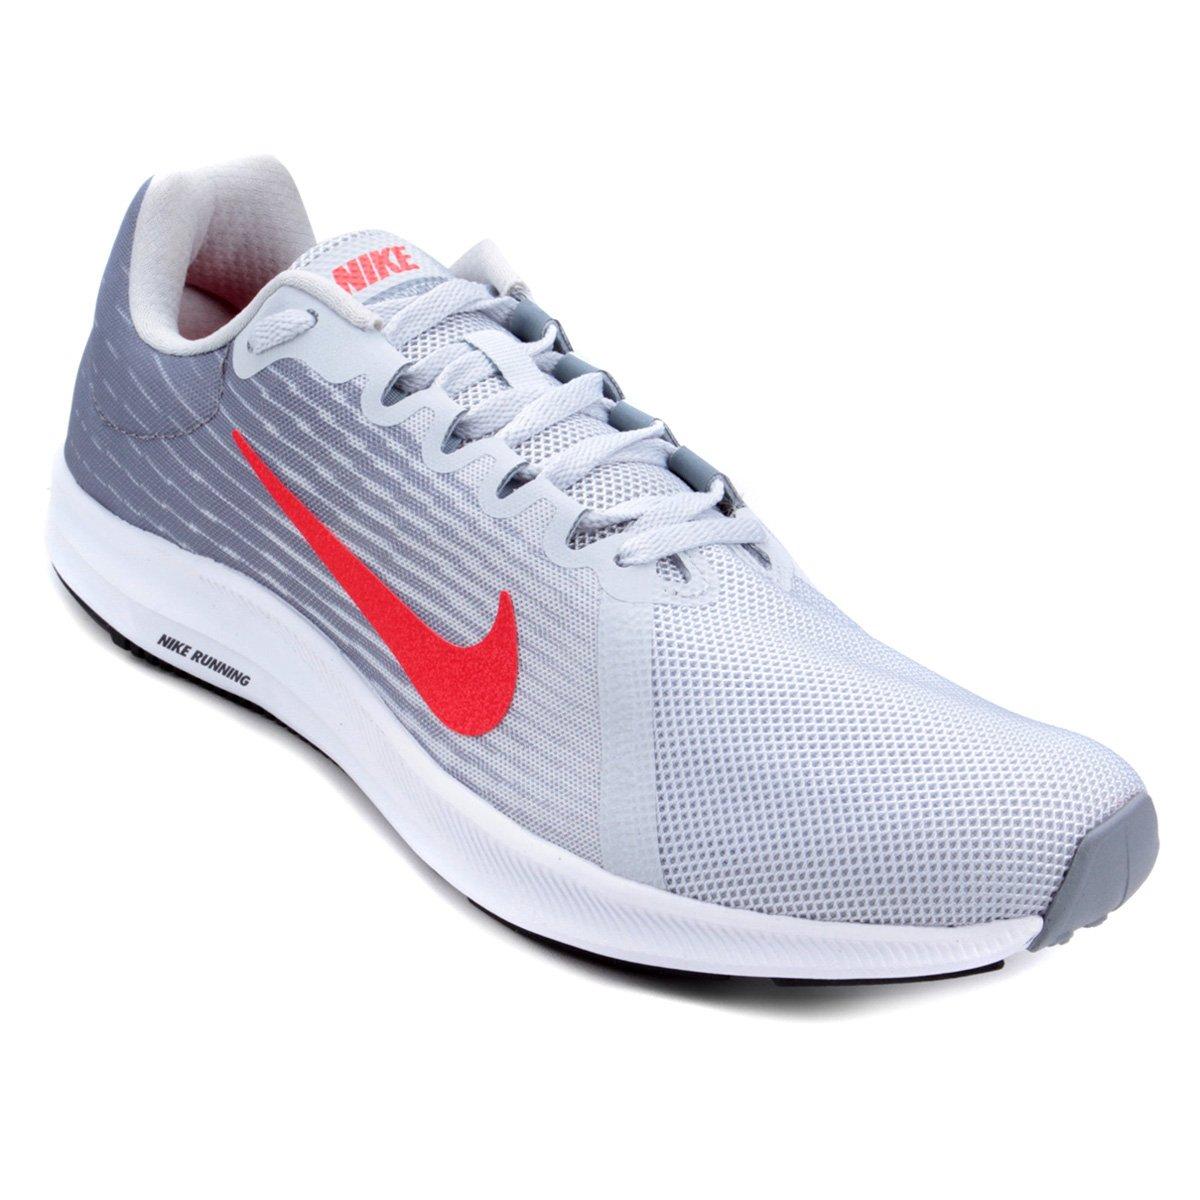 Tênis Nike Downshifter 8 Masculino - Prata e Vermelho - Compre Agora ... 46d0965632b11